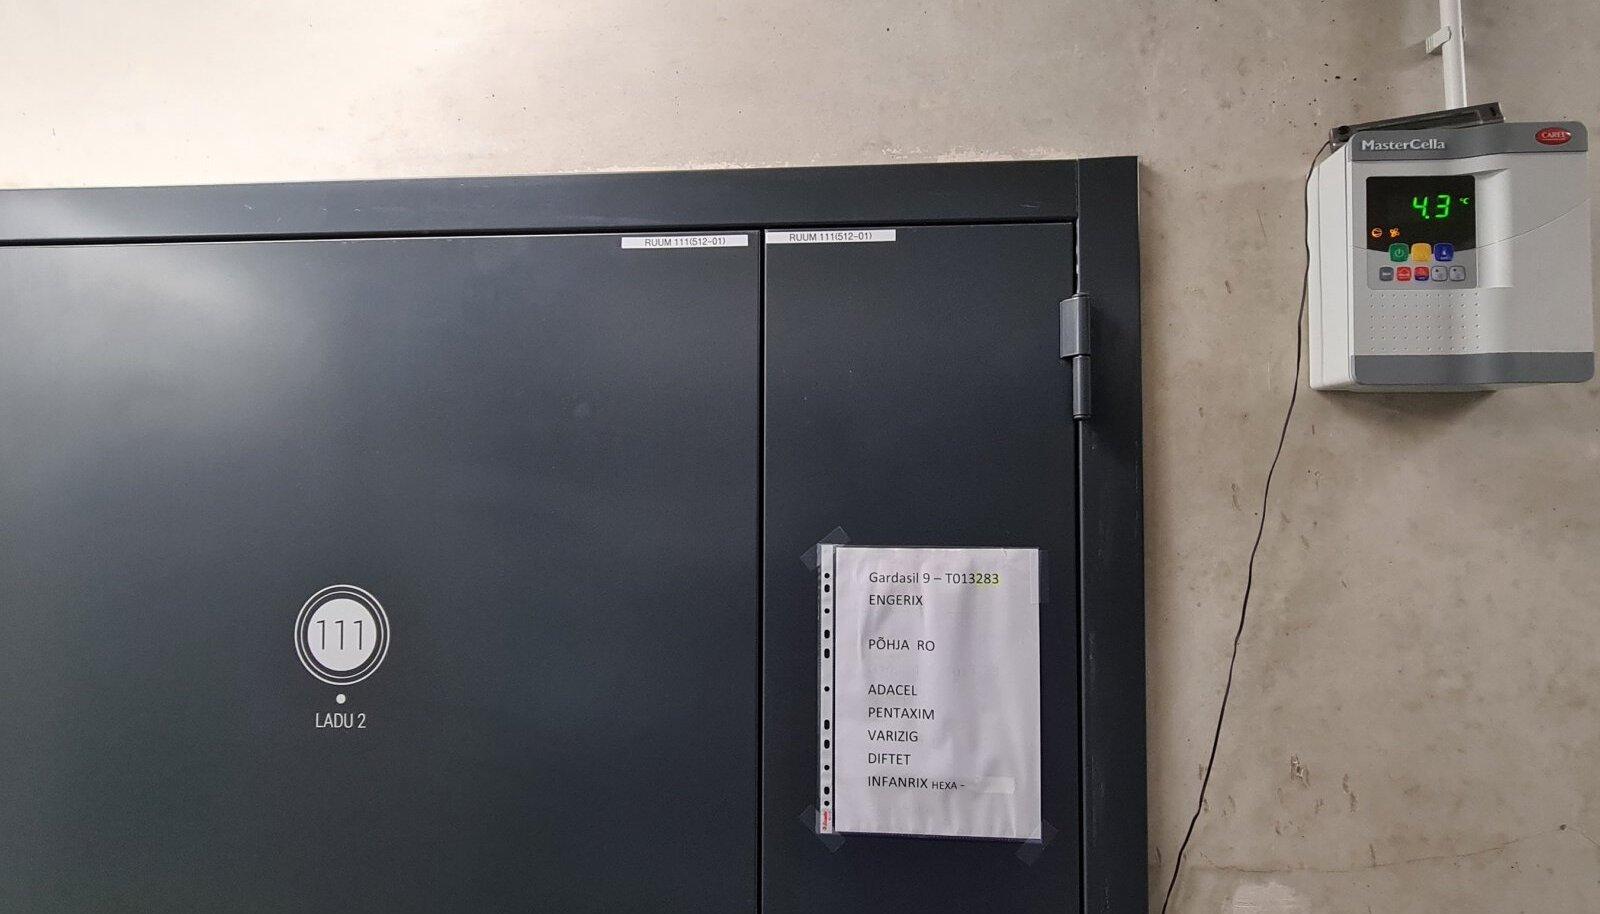 VAATASID MÖÖDA: Terviseameti ametnikud ei pannud tähele termomeetri näitu, mille näidik seisab kõrgel ukse kõrval.